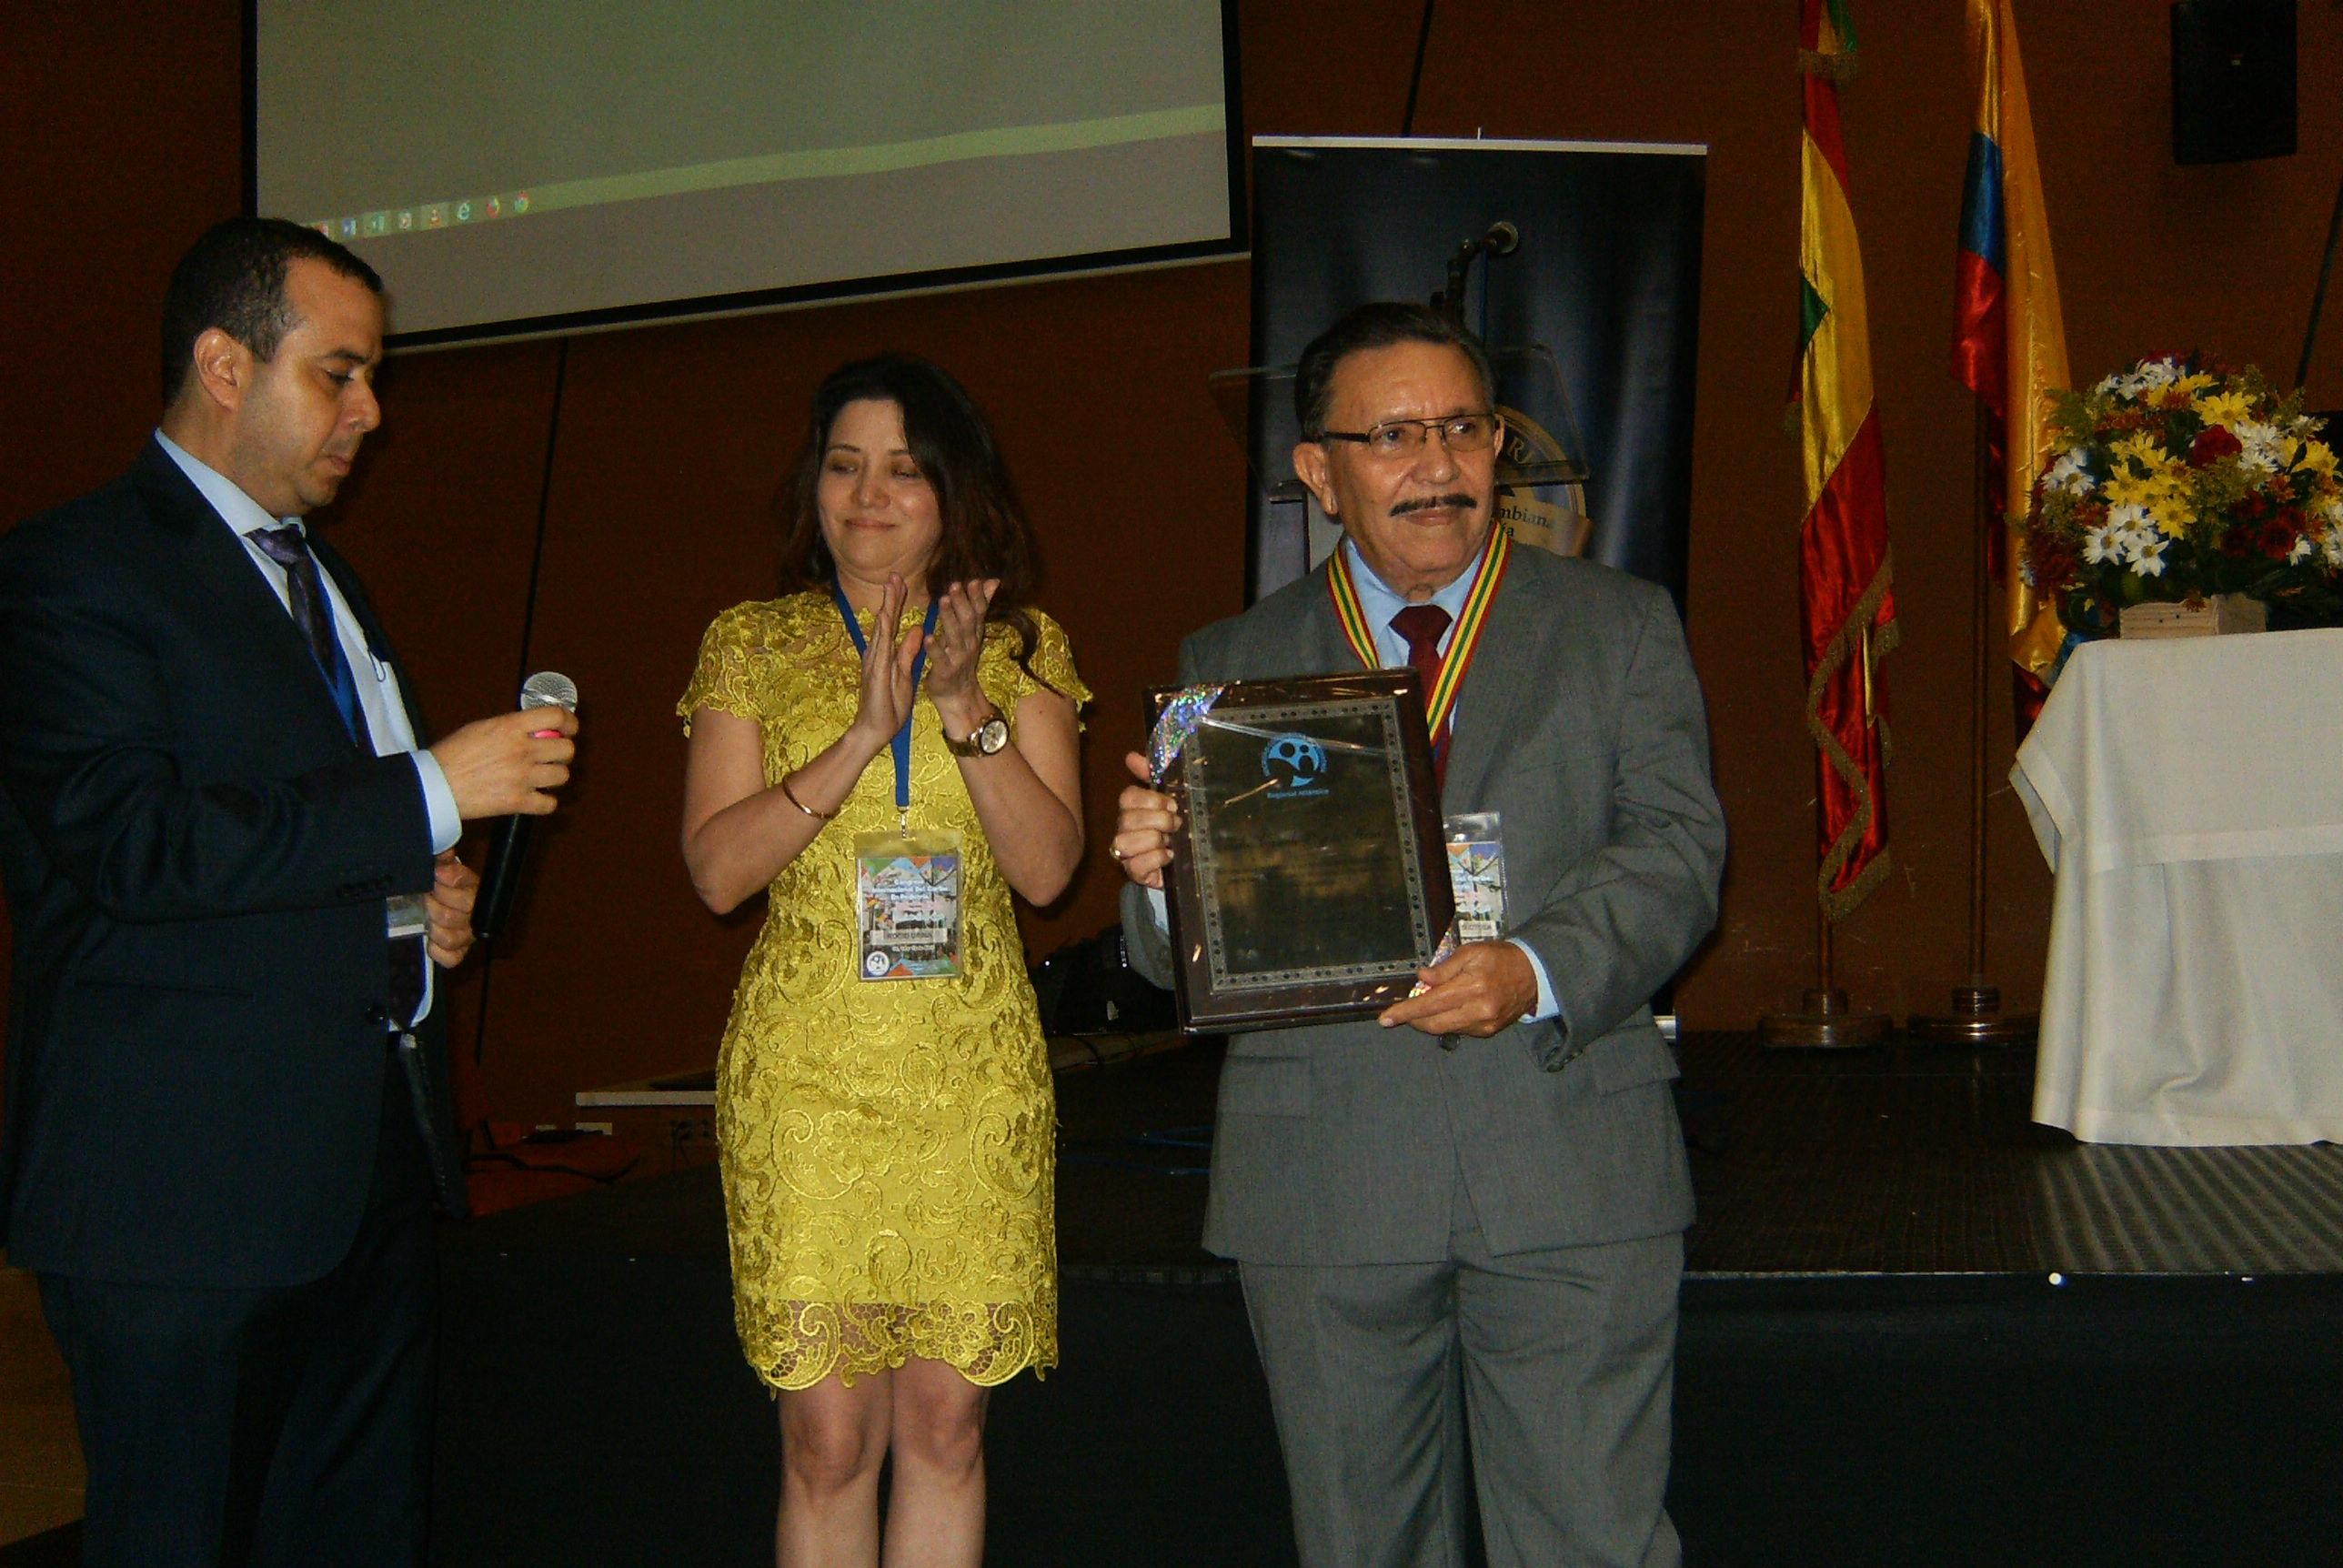 Con un homenaje al Dr. Emilio Oyola, se cumplió el Congreso Internacional del Caribe en Pediatría